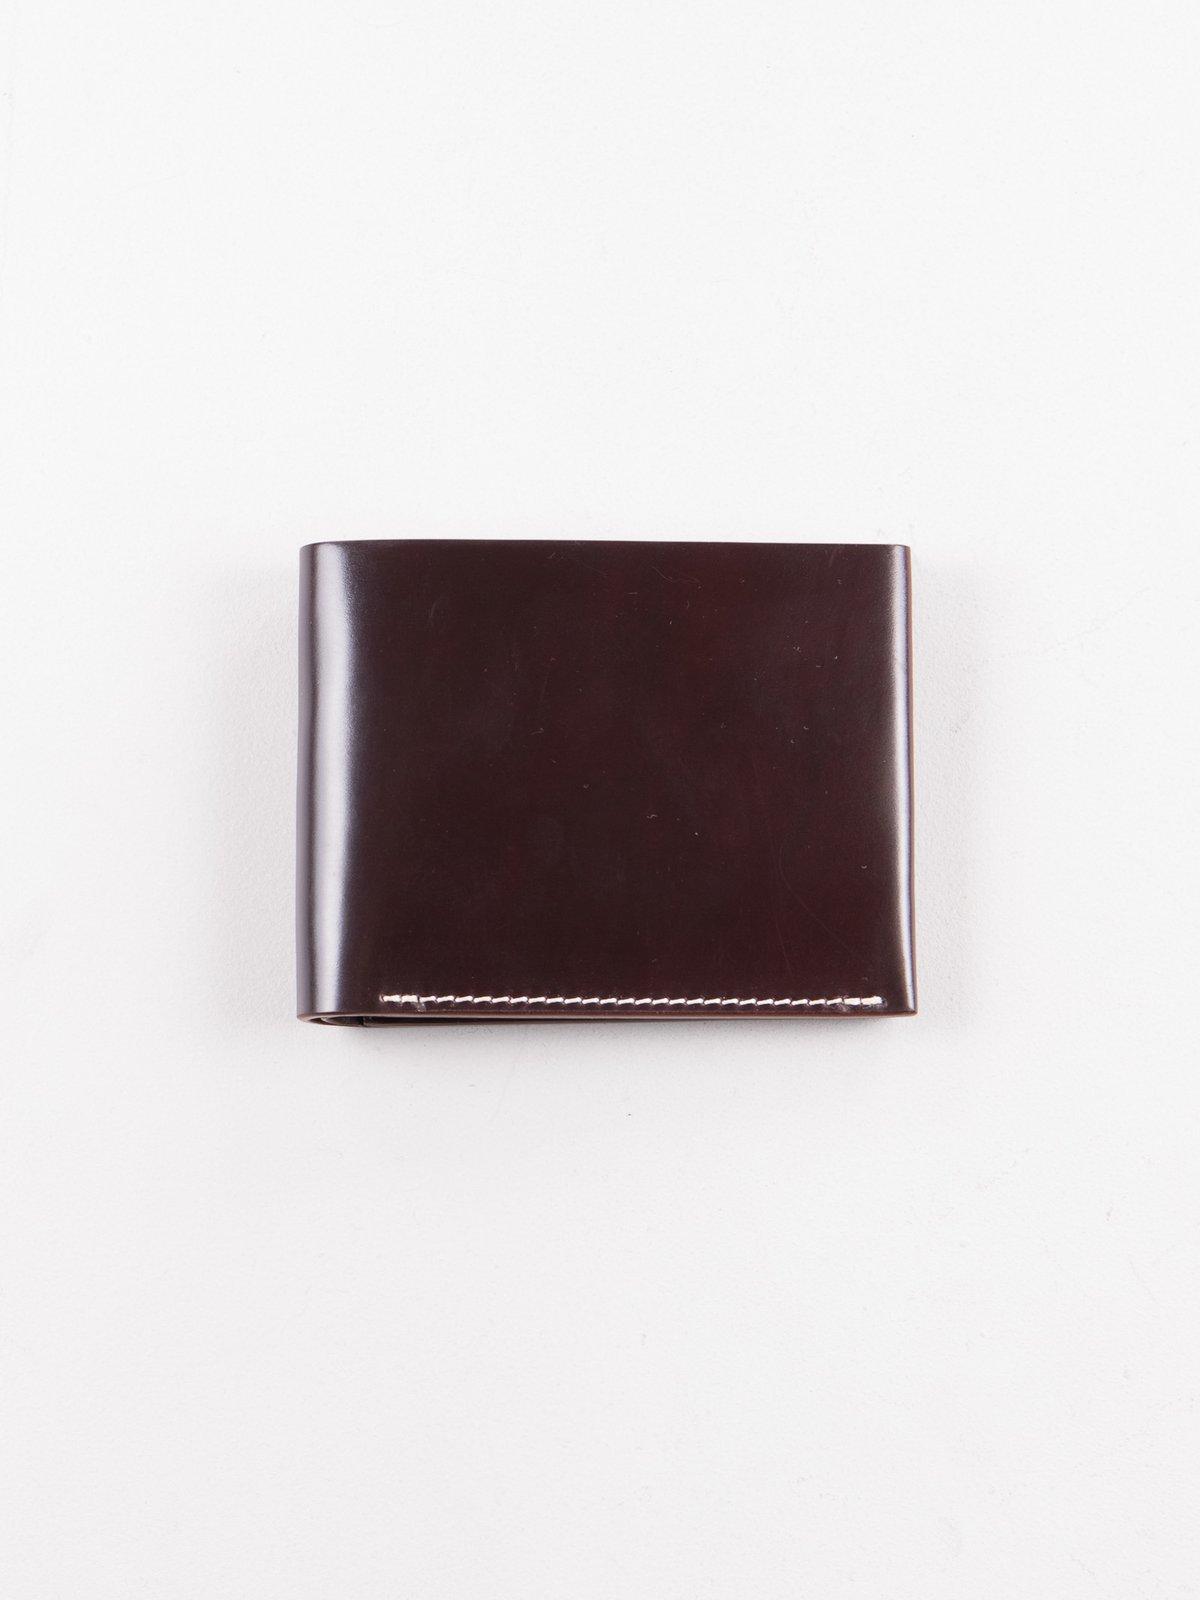 Color 8 Horween Cordovan 4–4 Wallet - Image 1